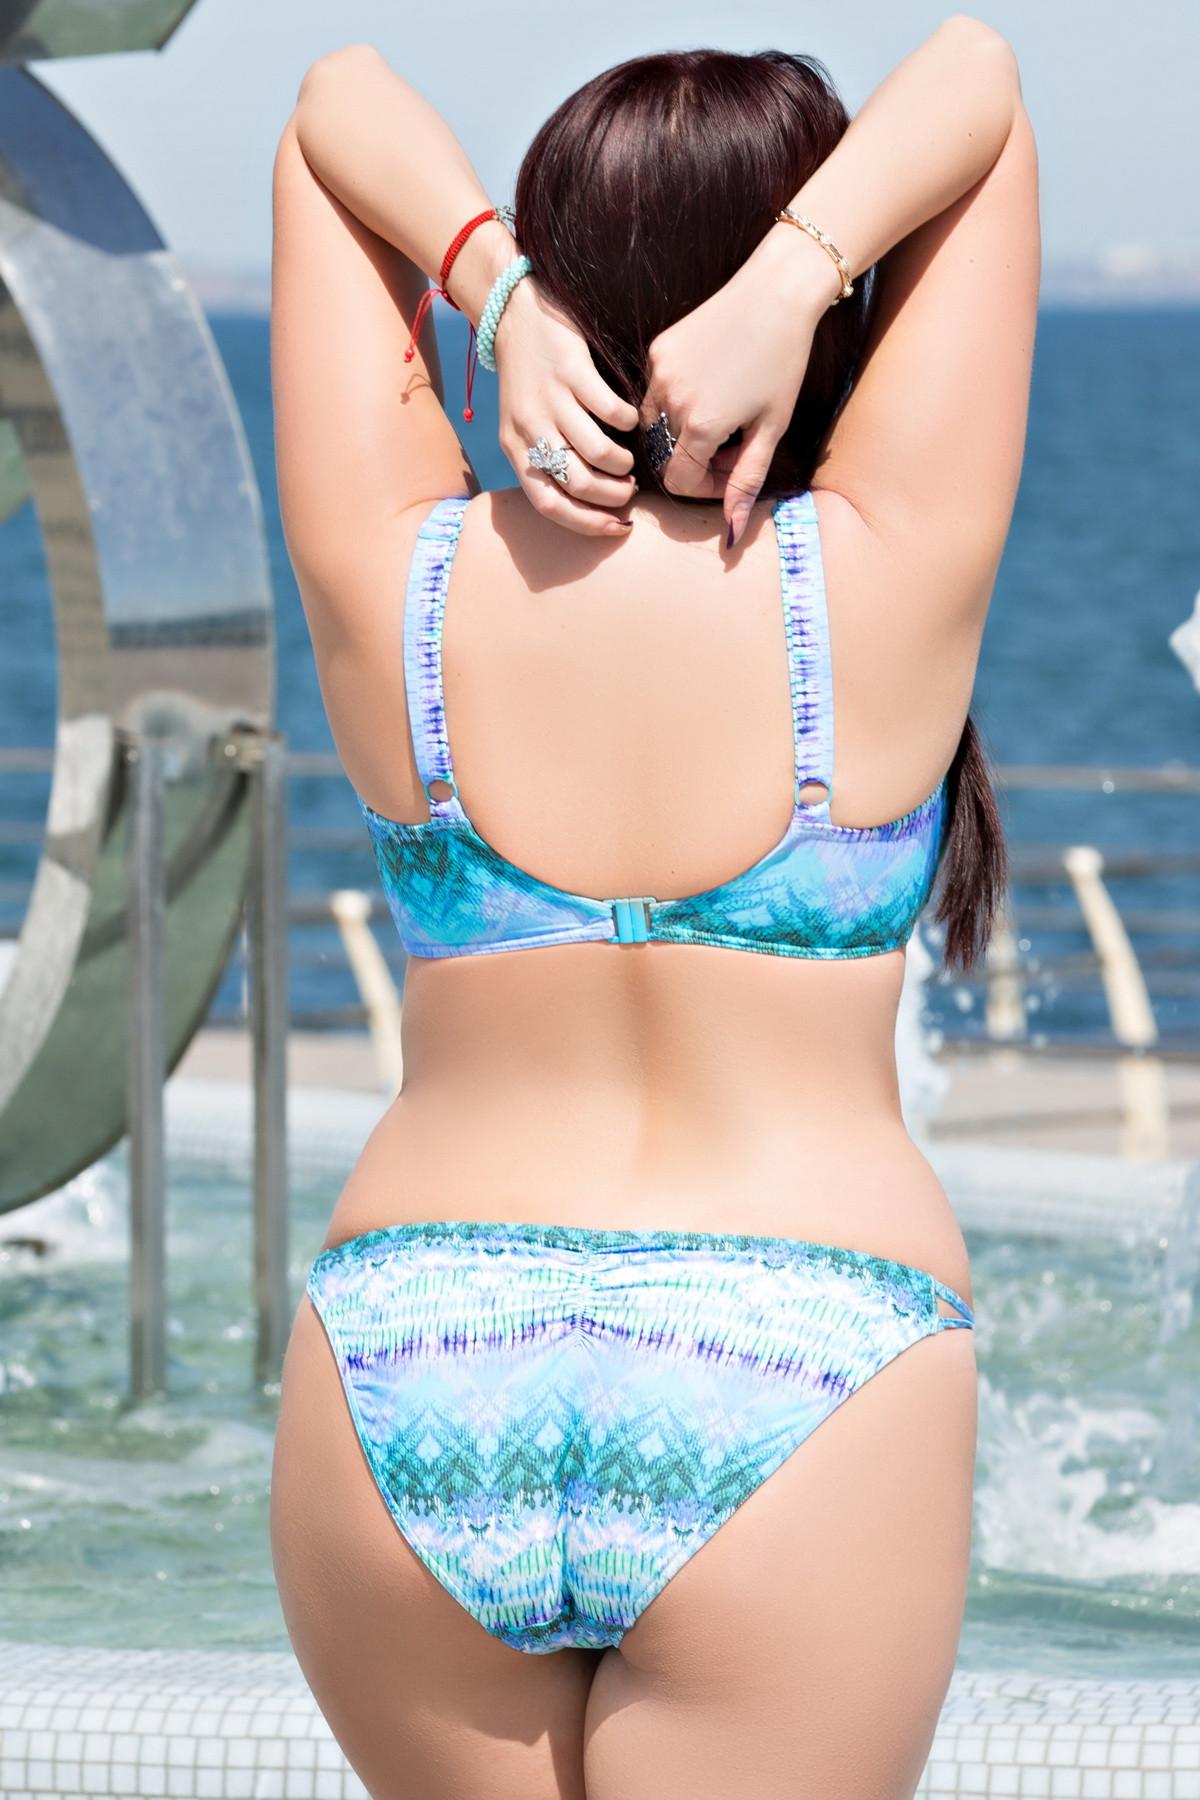 Роскошный купальный топ Portofino от Panache